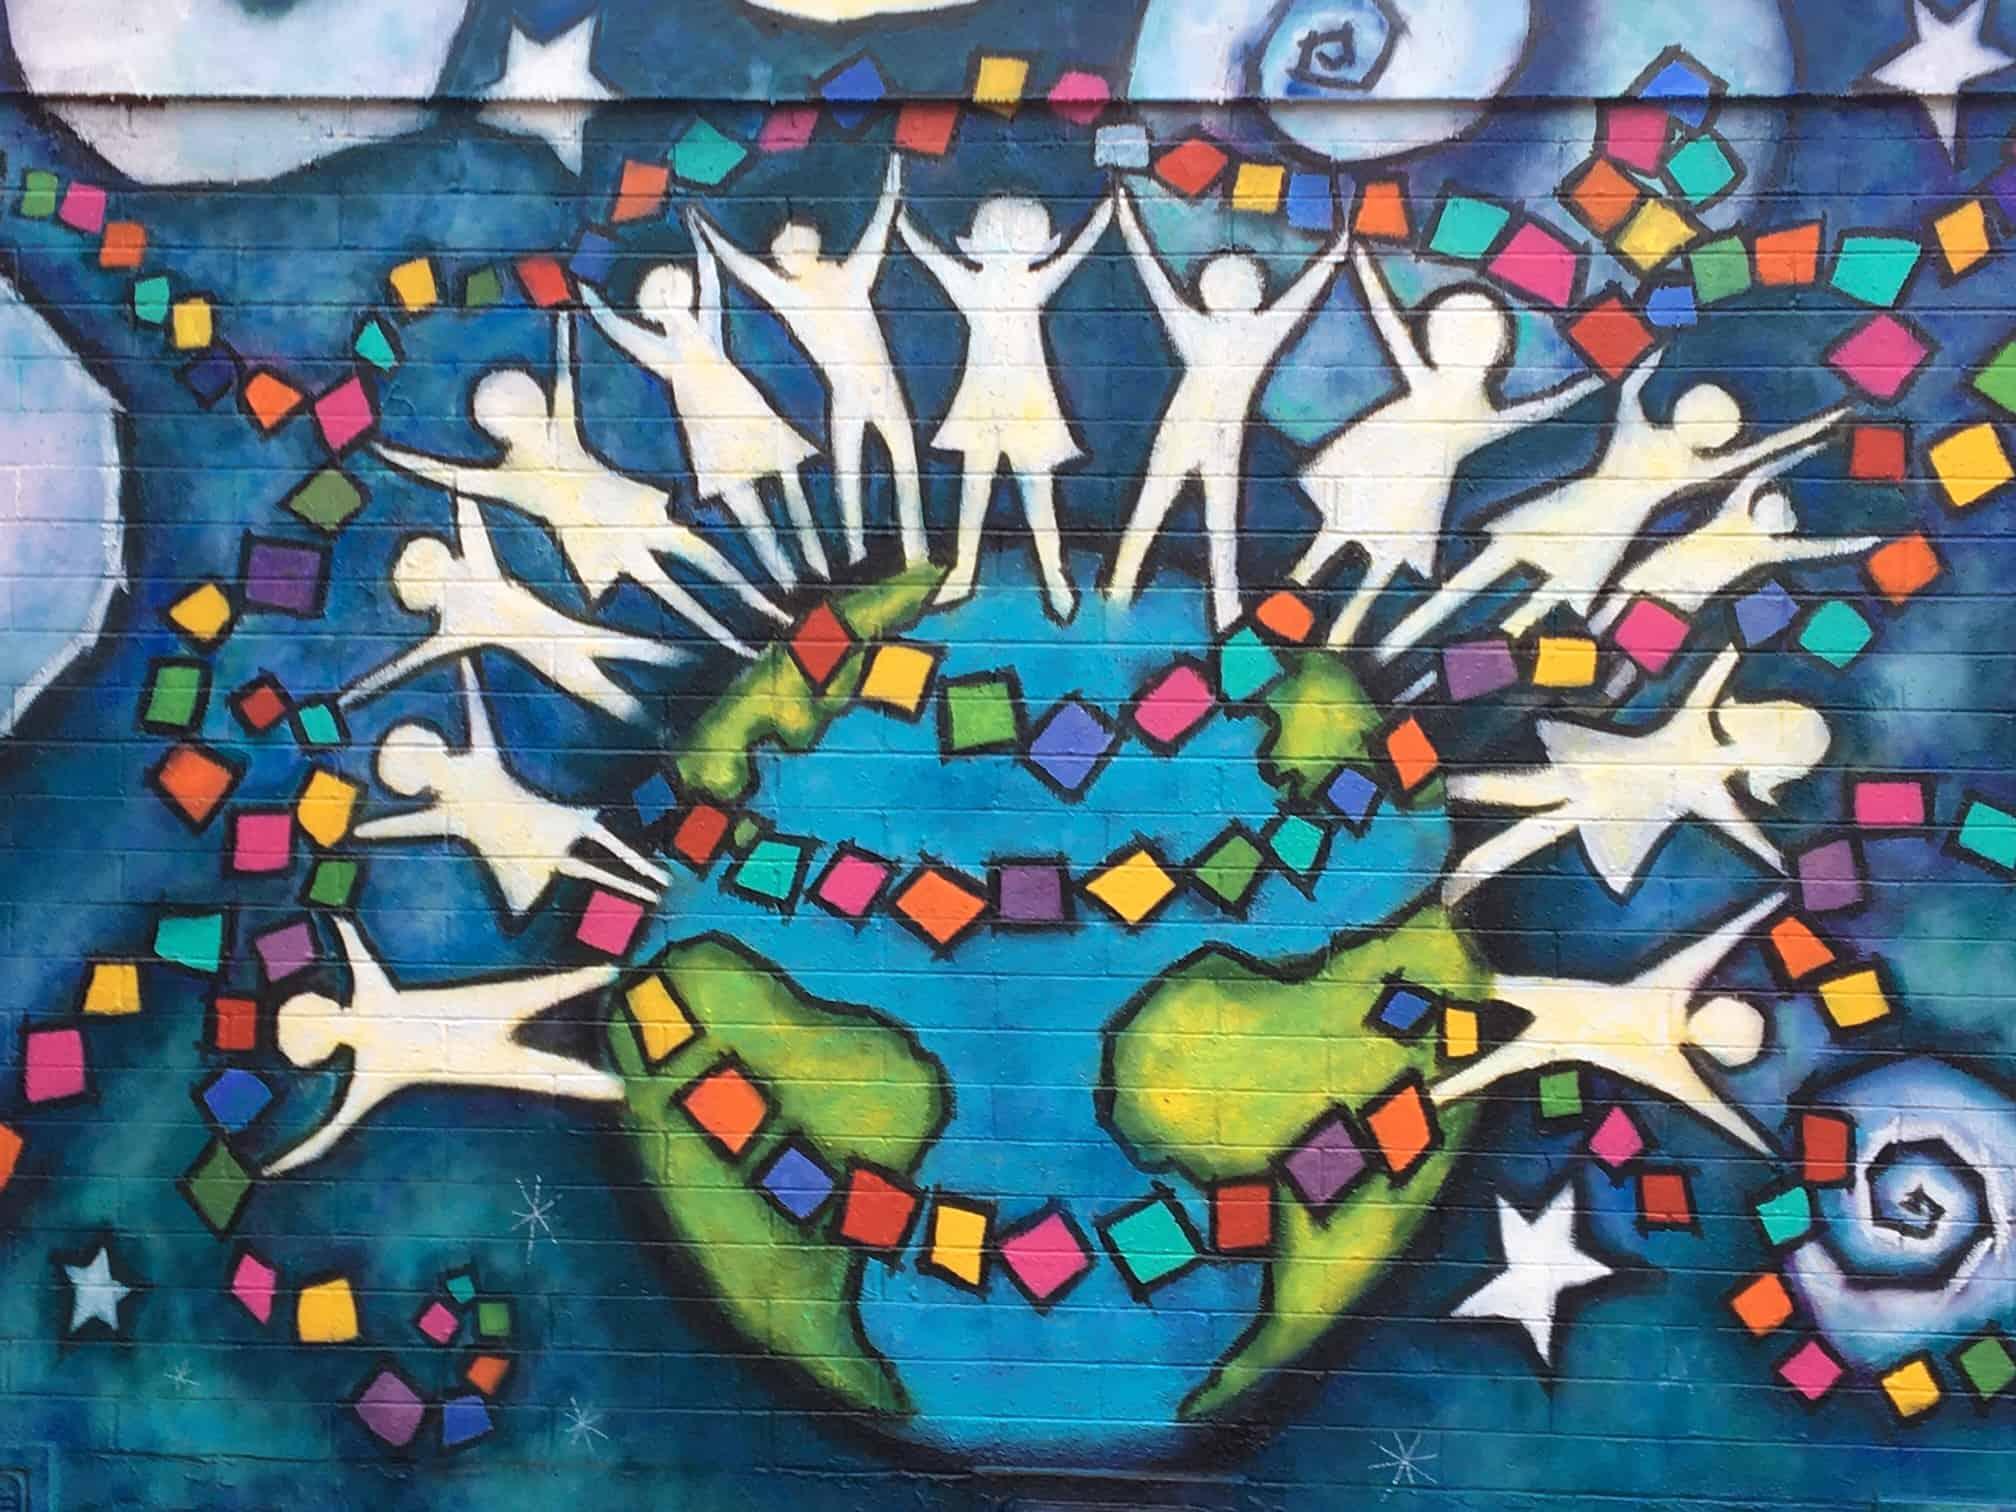 Carlsbad Art Wall January 2021